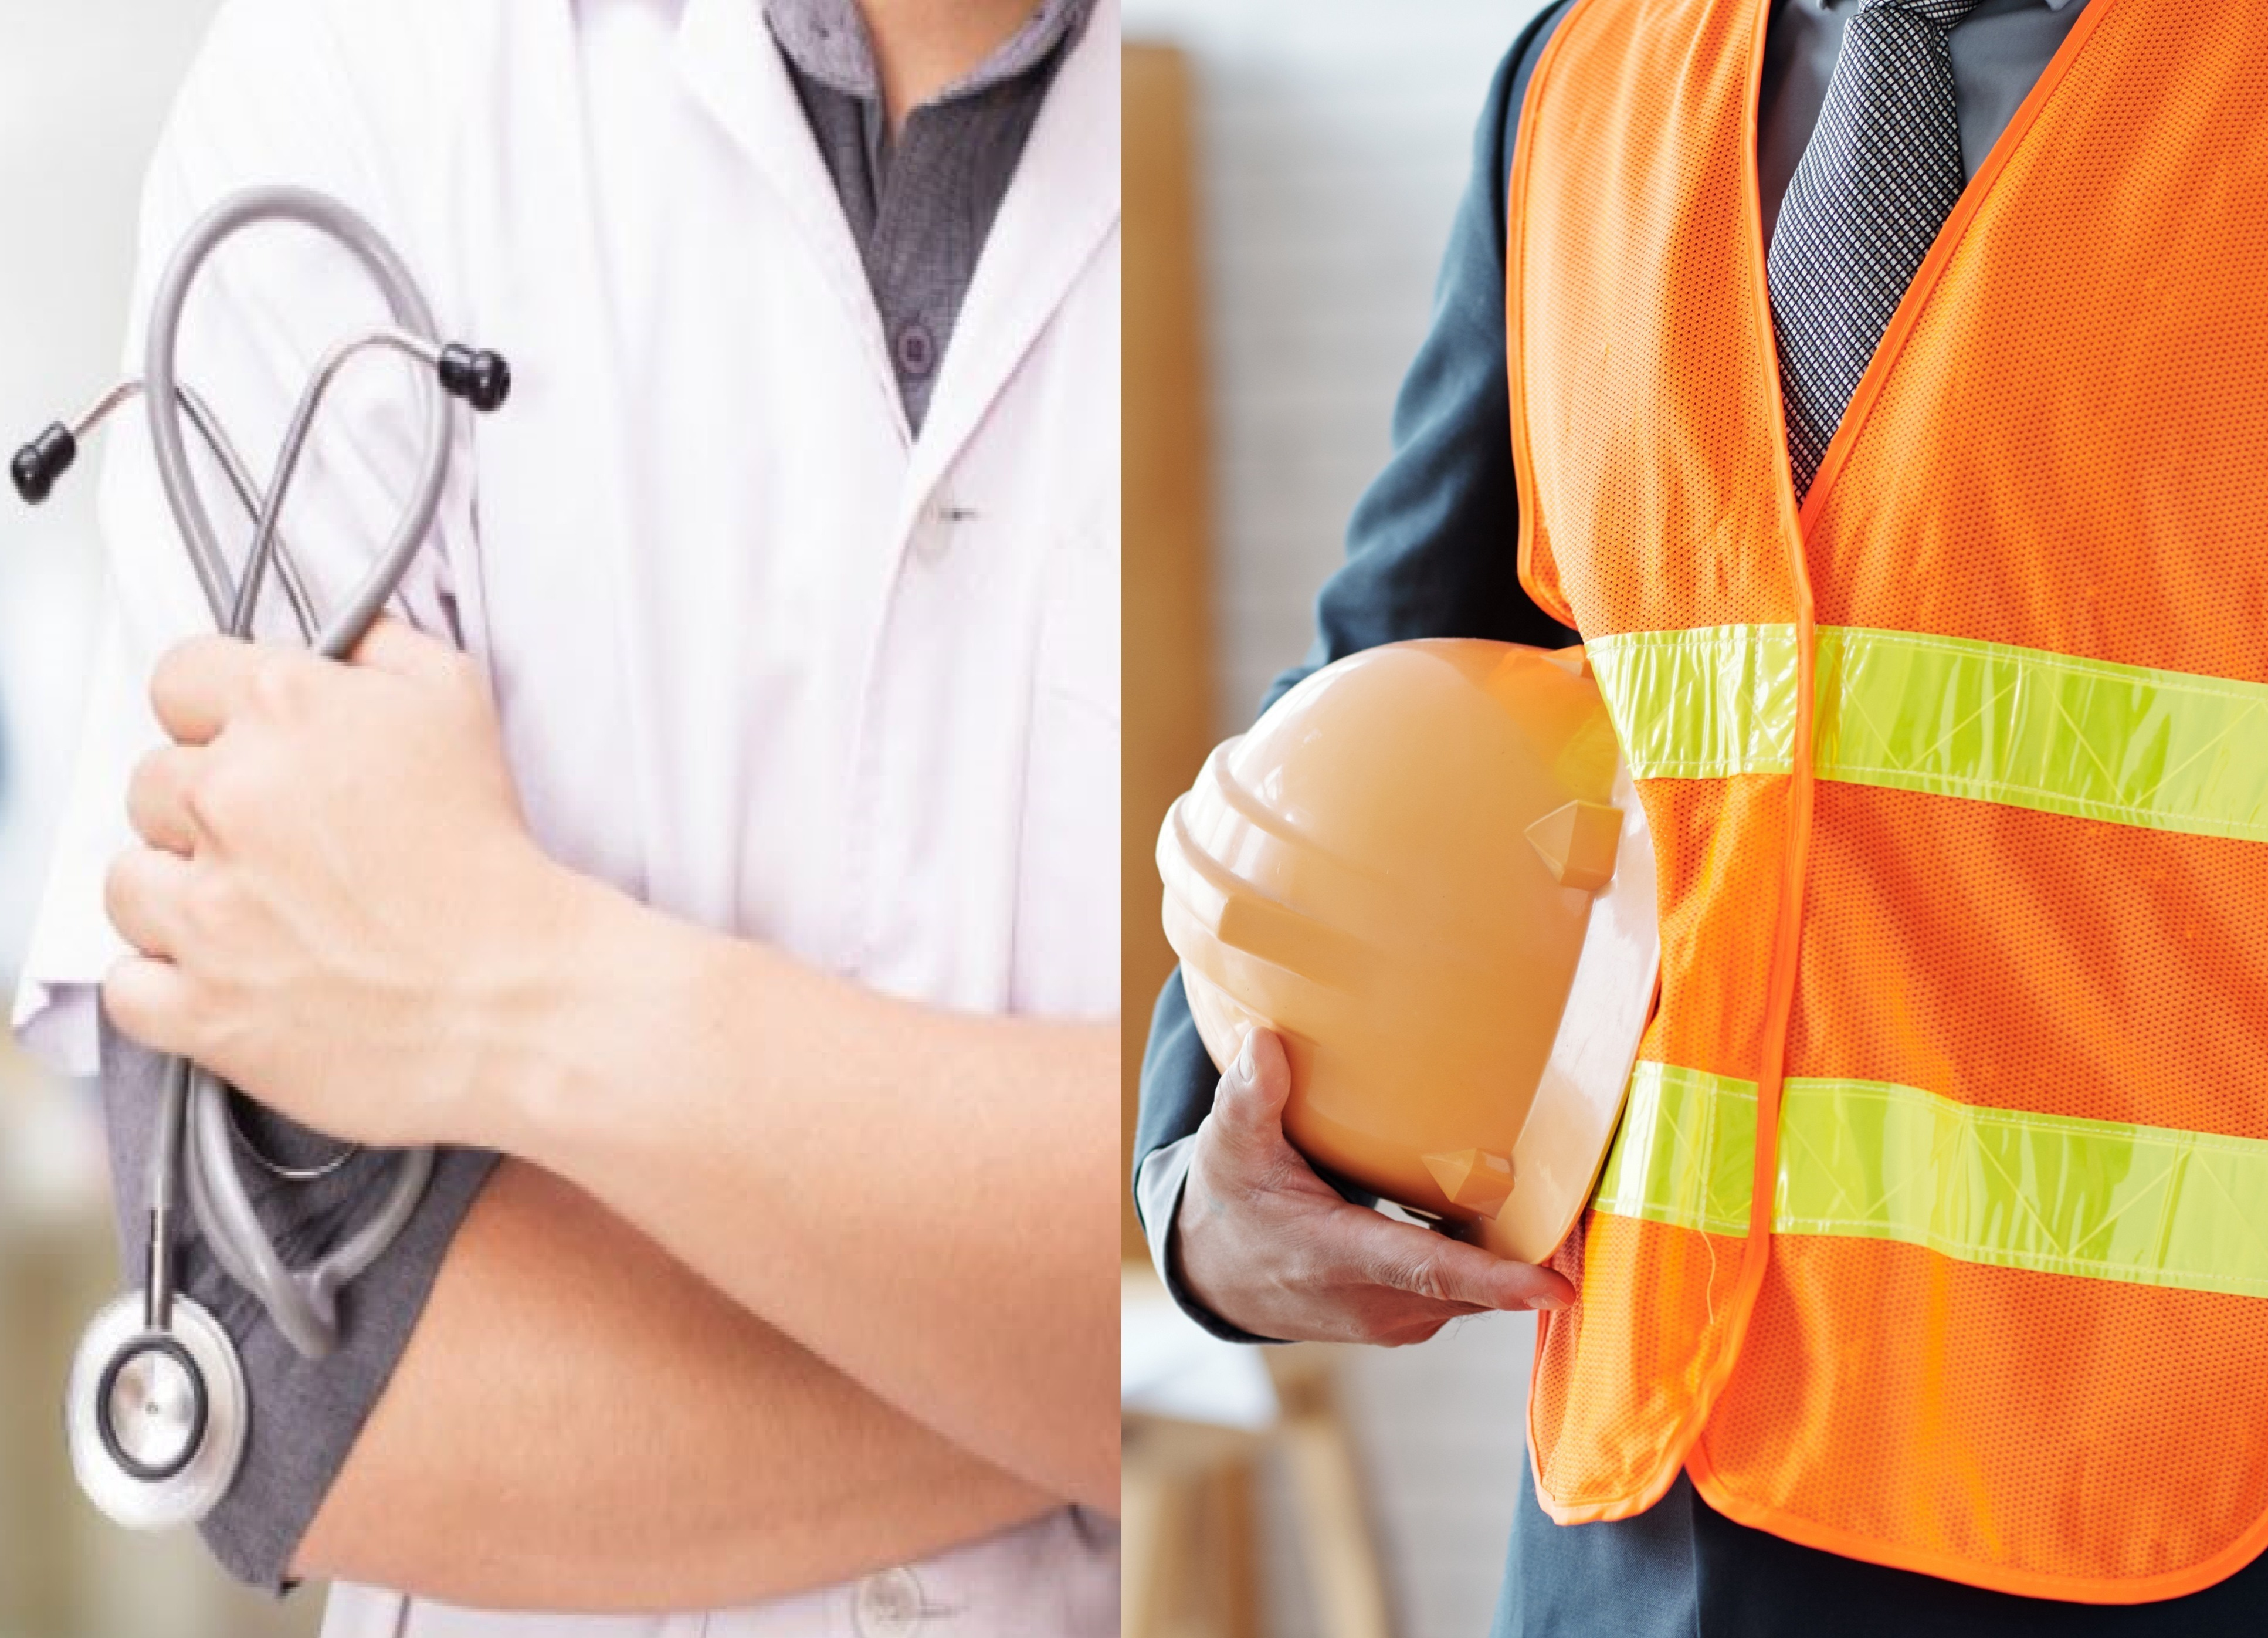 Técnico Saúde e Segurança